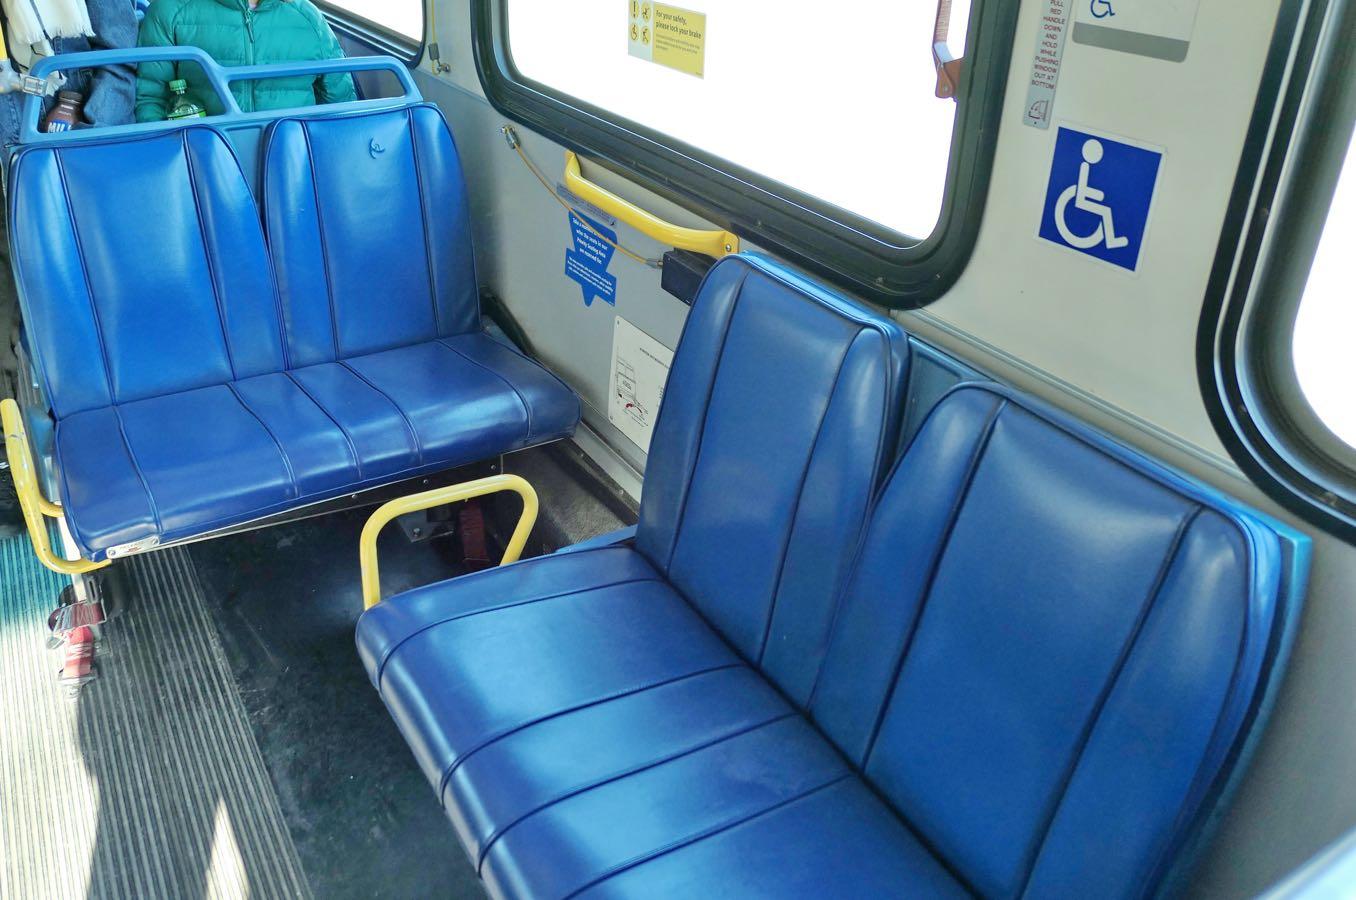 カナダのバスの優先座席